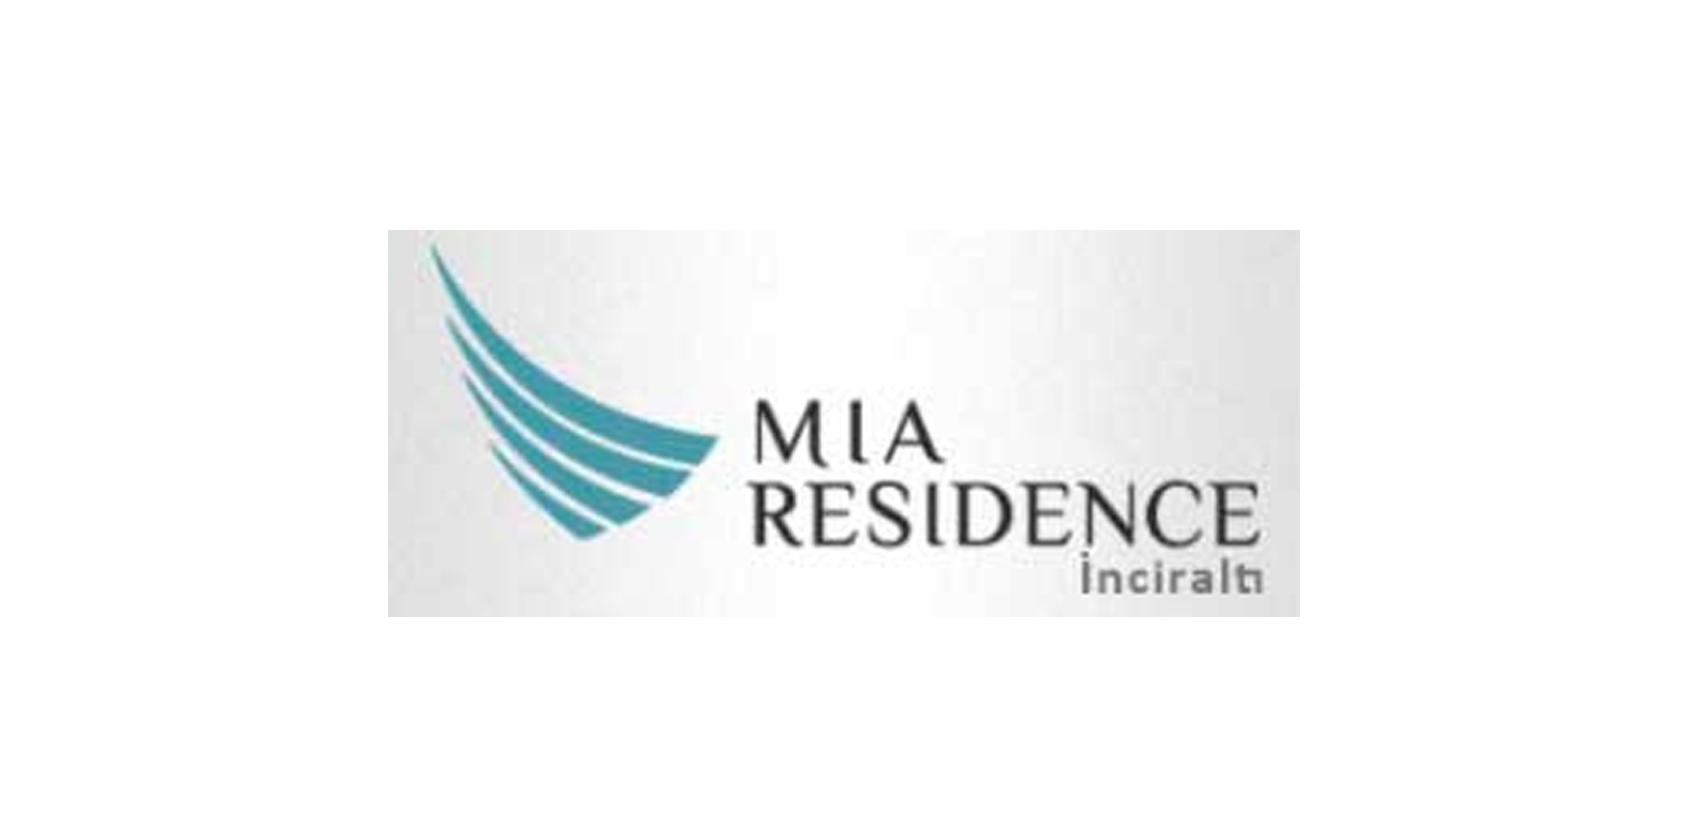 Mia Residence (İnciraltı)